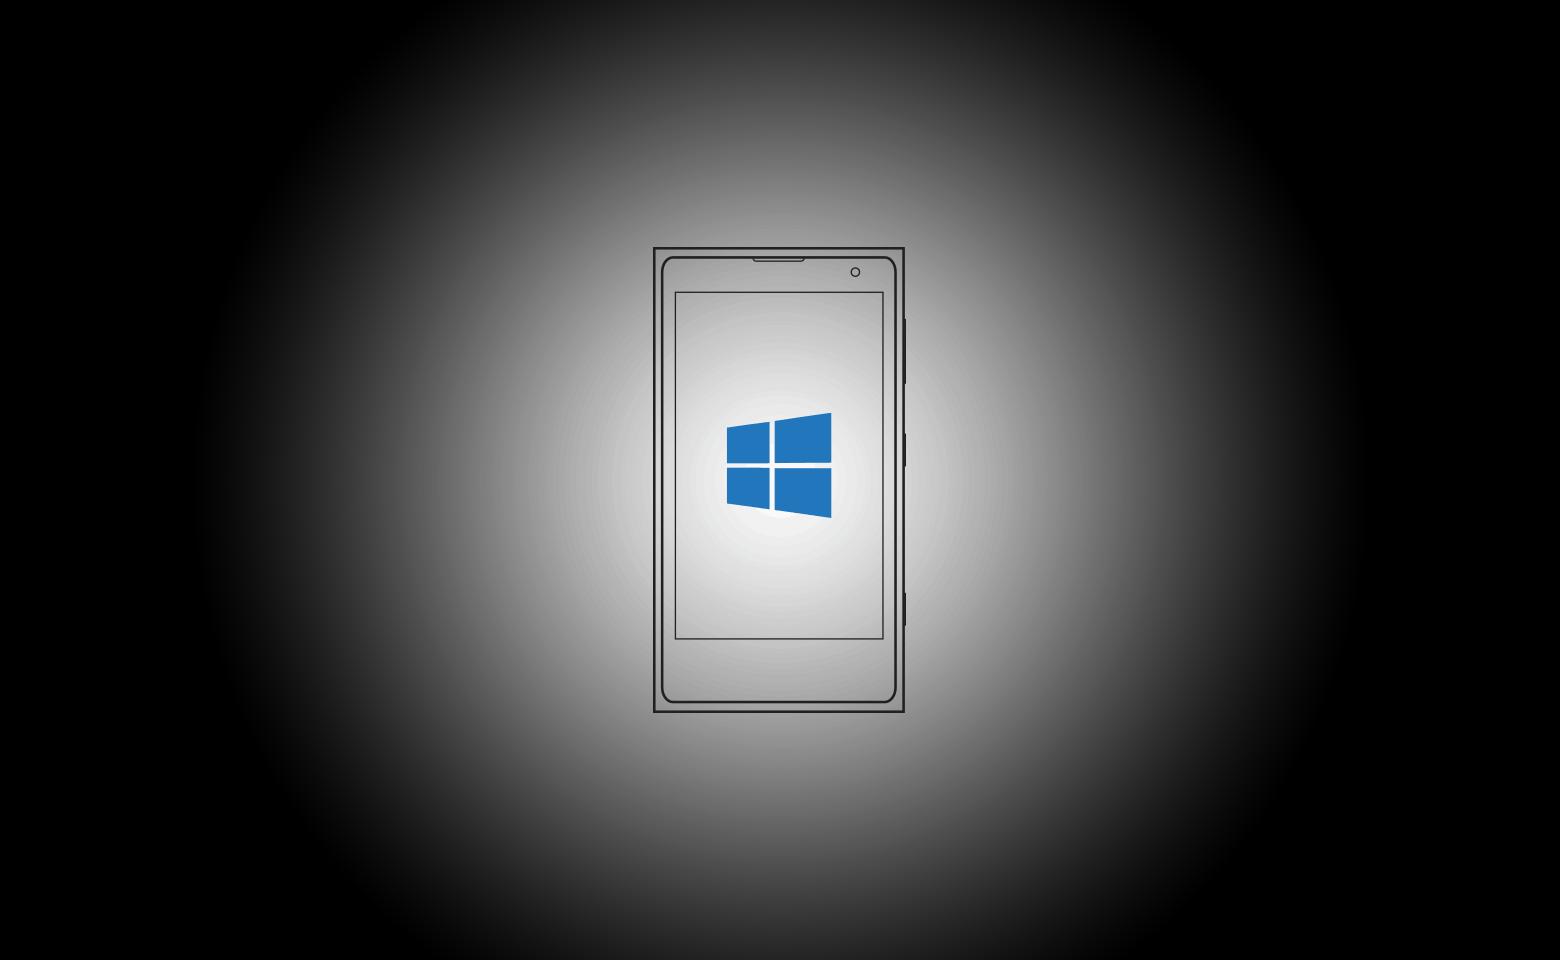 Microsoft stellt Support für Windows Phone 8.1 ein TheAppGuys entwickelt weiterhin für iOS, Android und Windows 10 Mobile